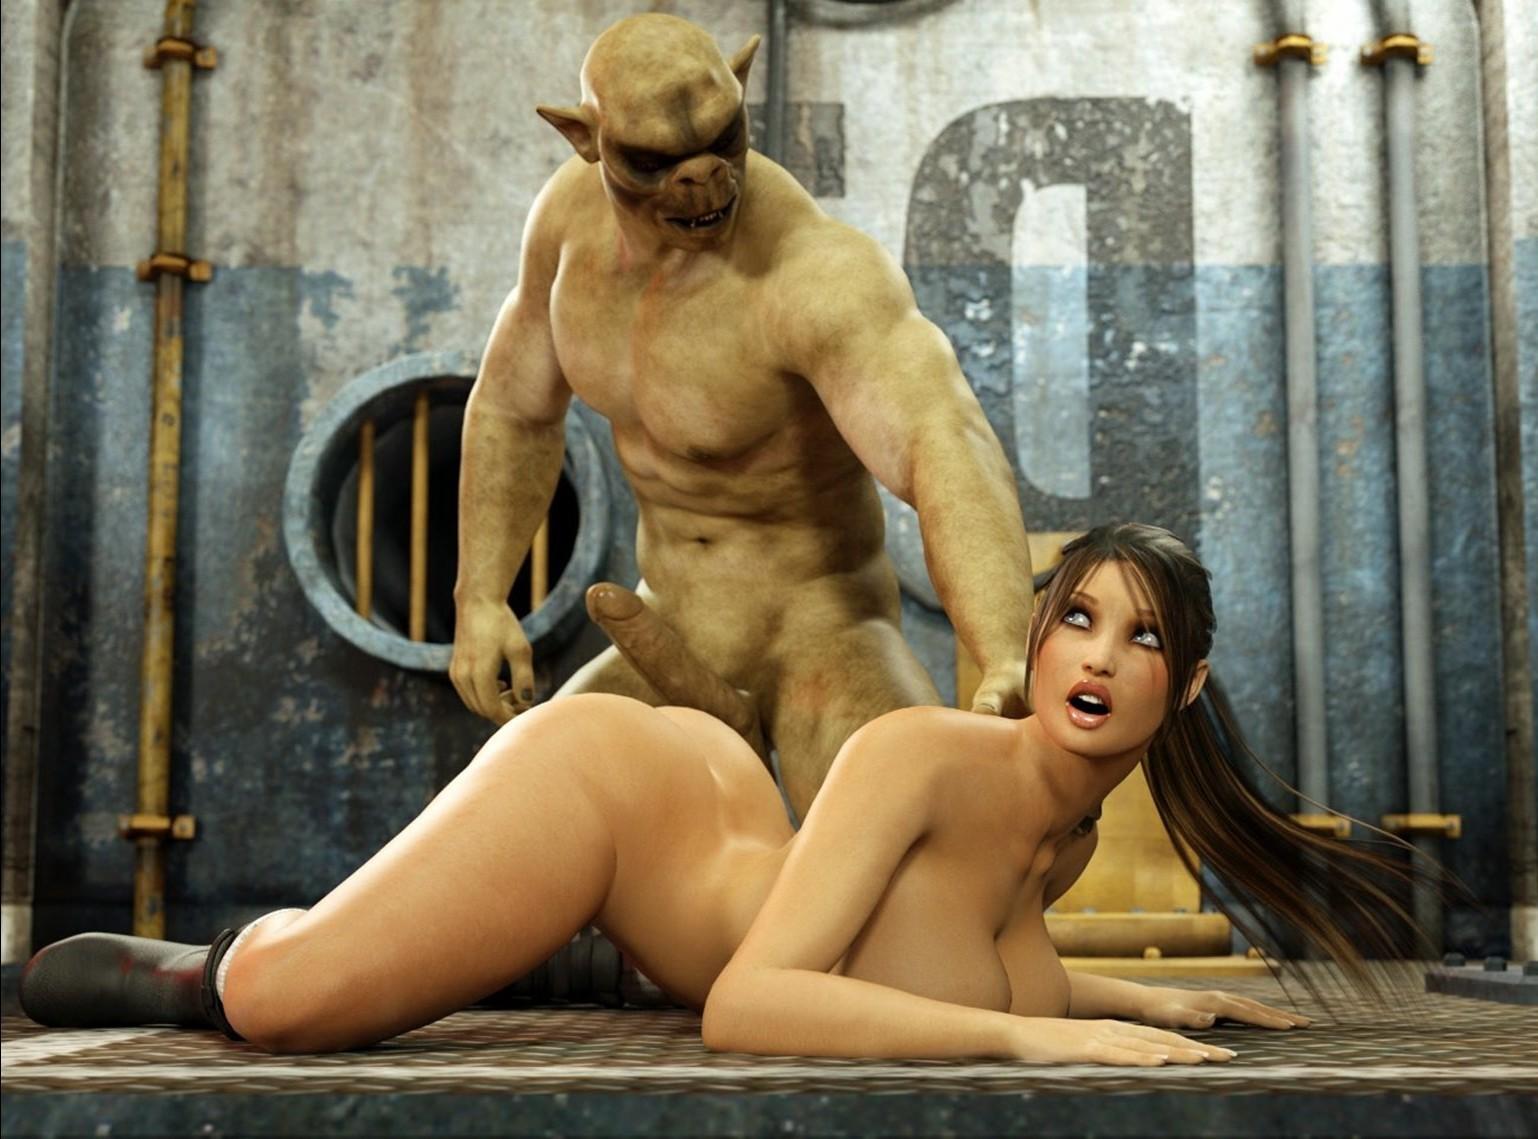 filmi-porno-fentezi-s-russkim-perevodom